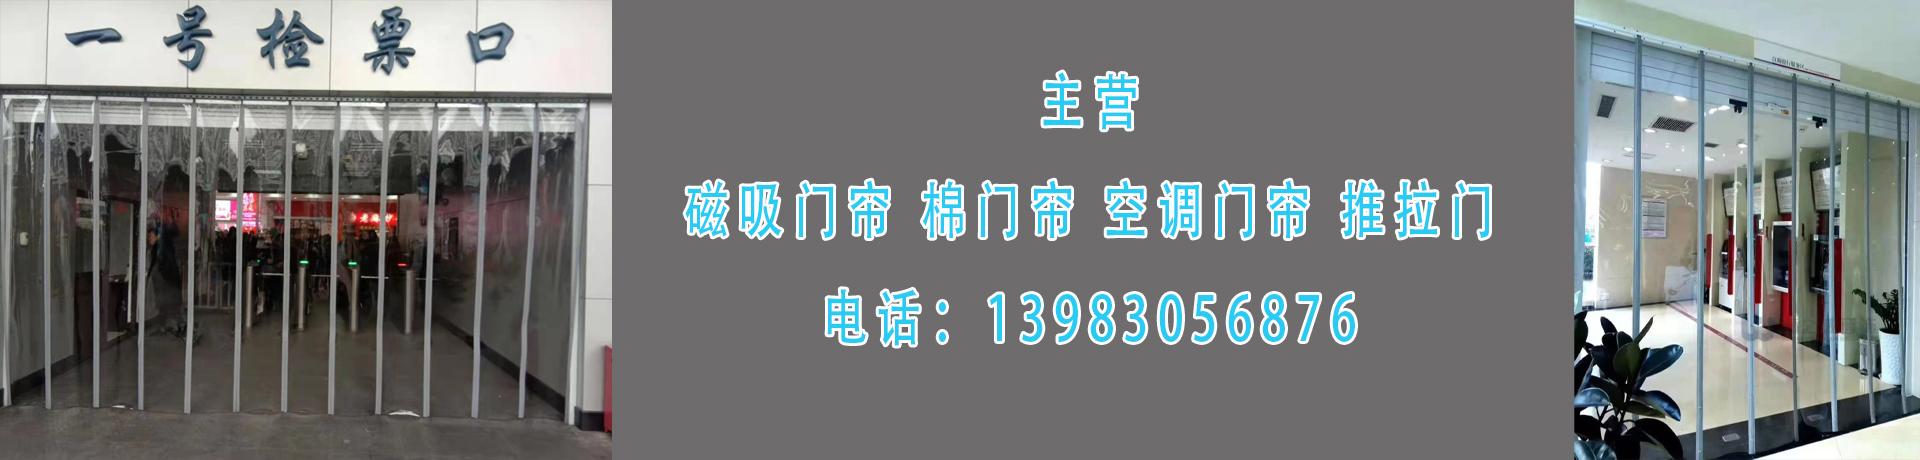 重庆沙坪区建立五金建材经营部